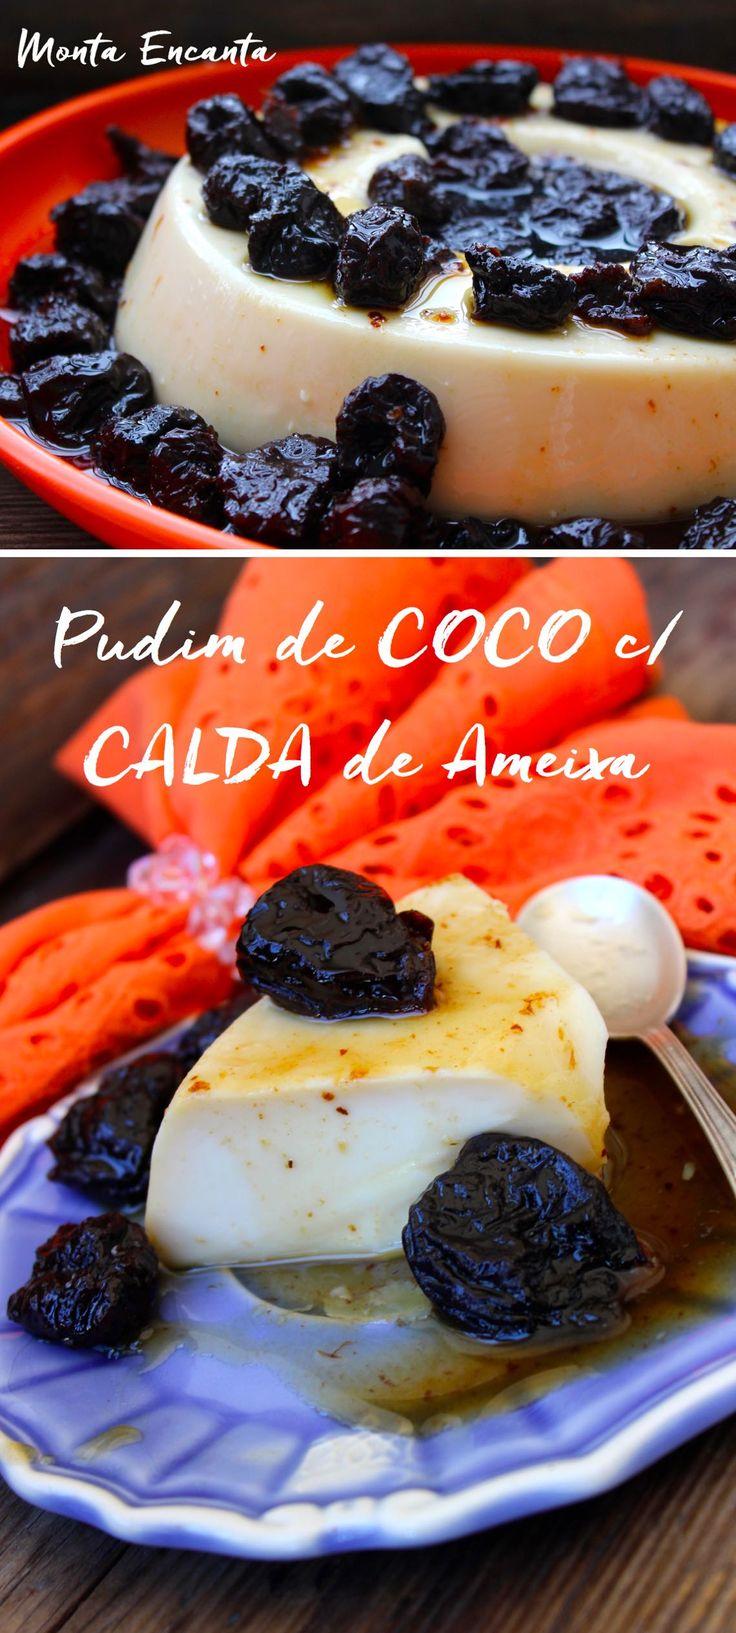 Este pudim de Coco com Calda de Ameixa, lembra um flan cremoso com sabor de coco que combina bem com a calda de ameixas que o acompanha.